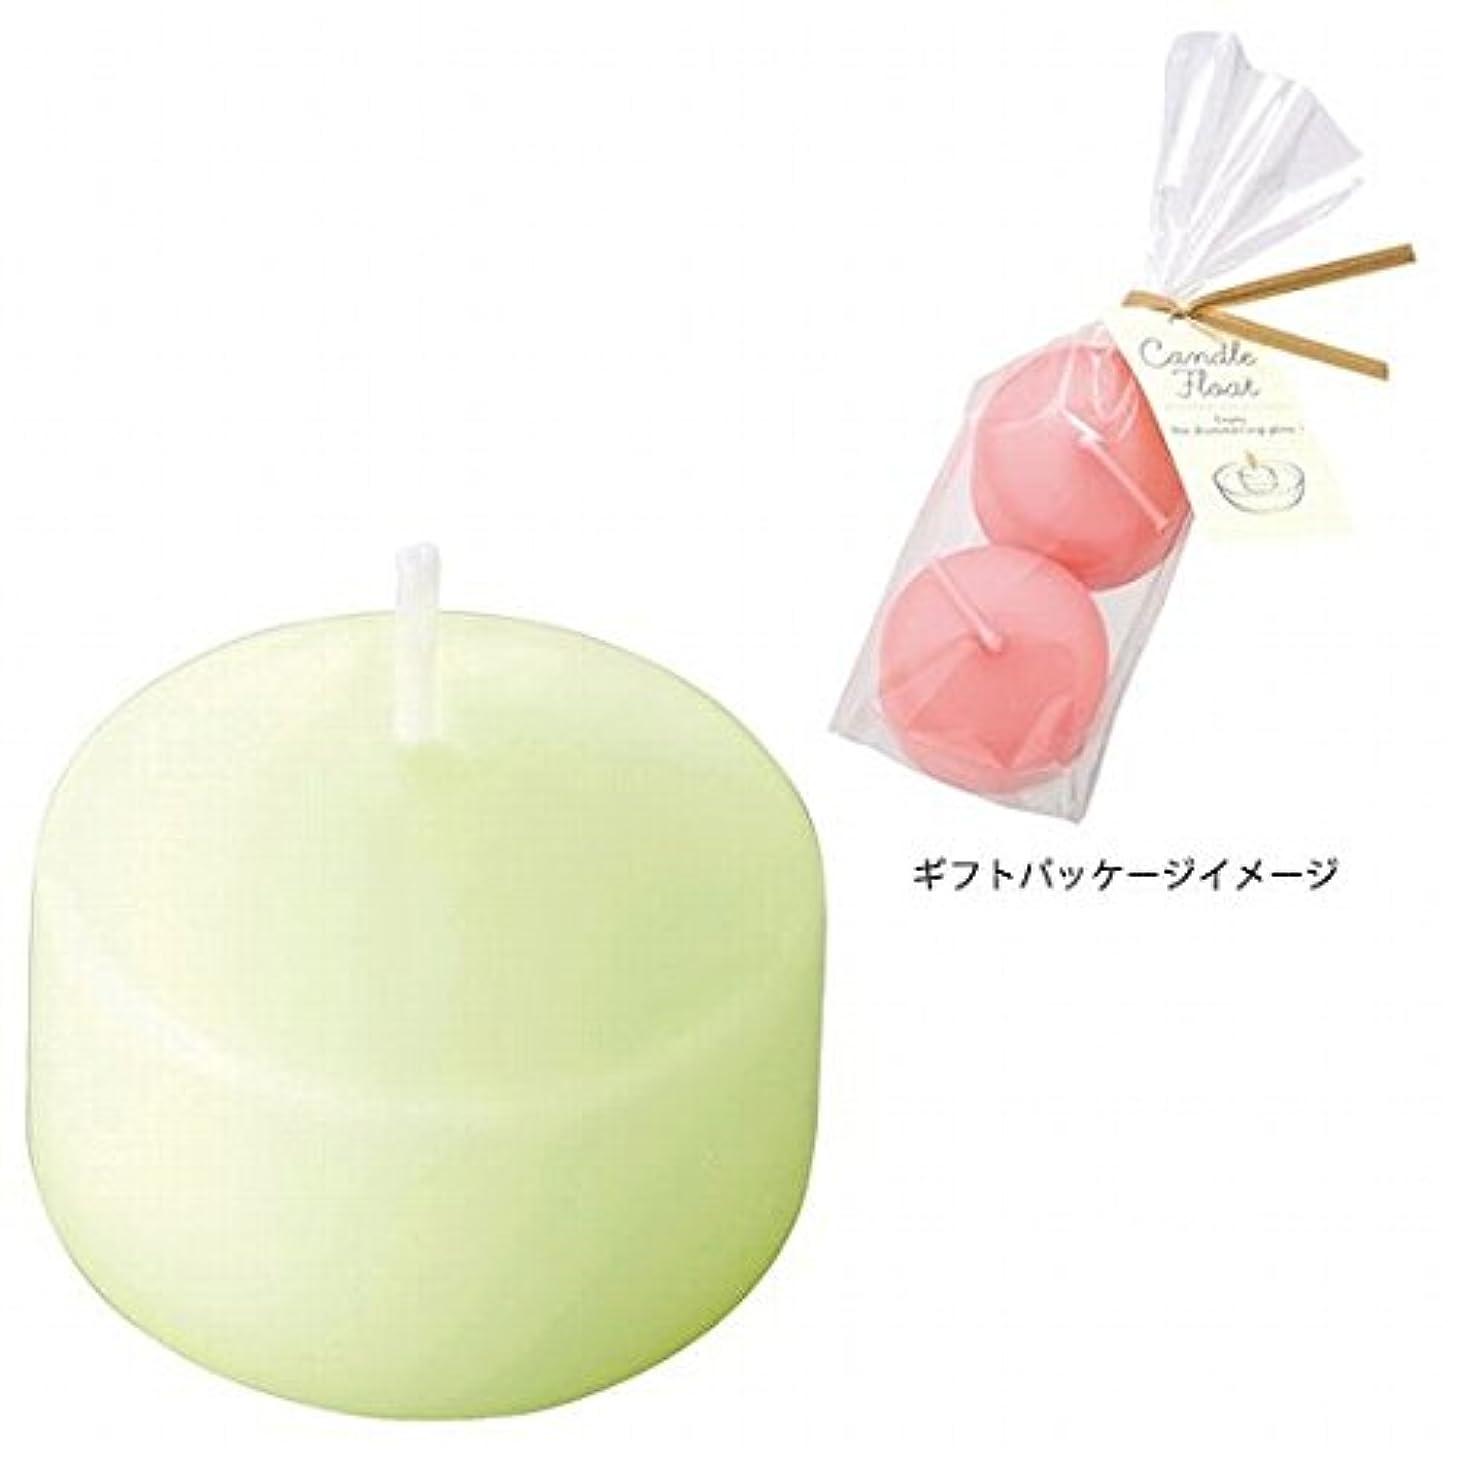 キャメル降伏命題カメヤマキャンドル(kameyama candle) ハッピープール(2個入り) キャンドル 「ホワイトグリーン」